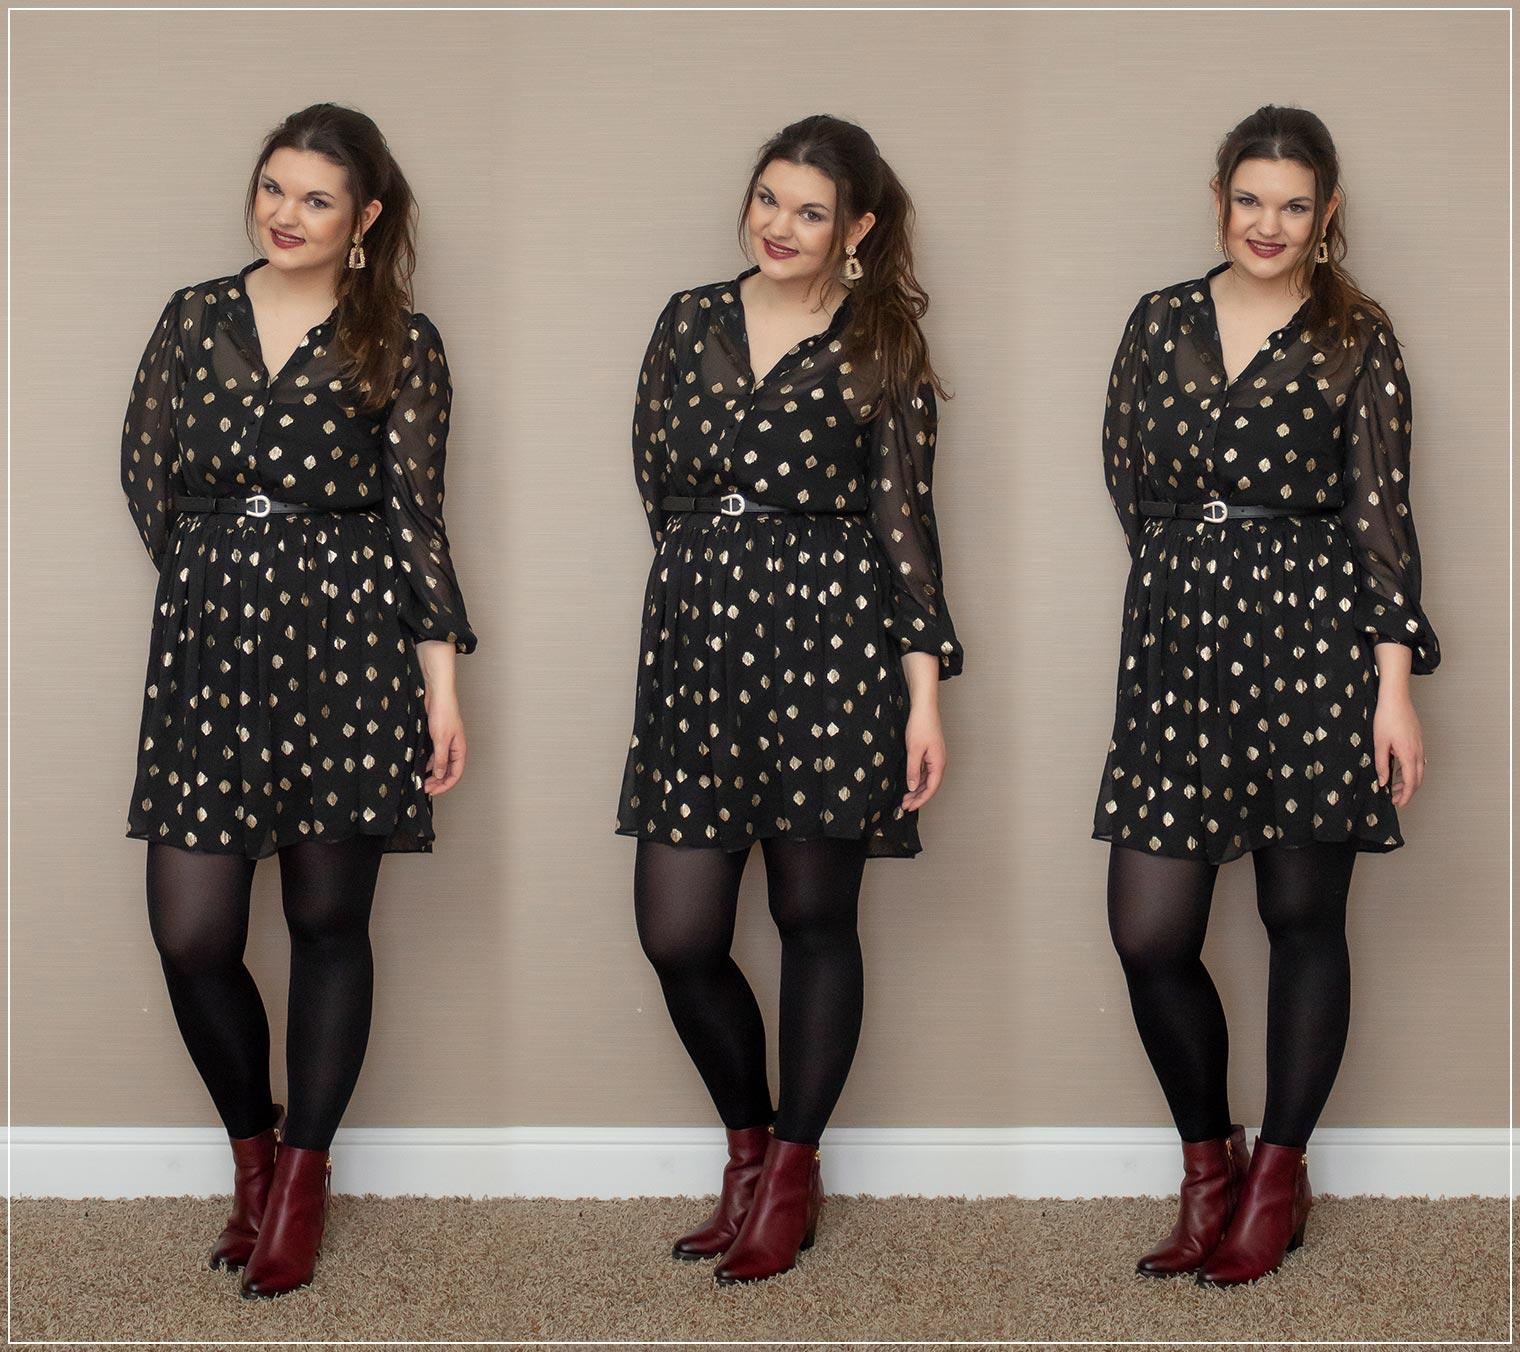 Kleid mit Taillengürtel und Stiefelletten kombiniert